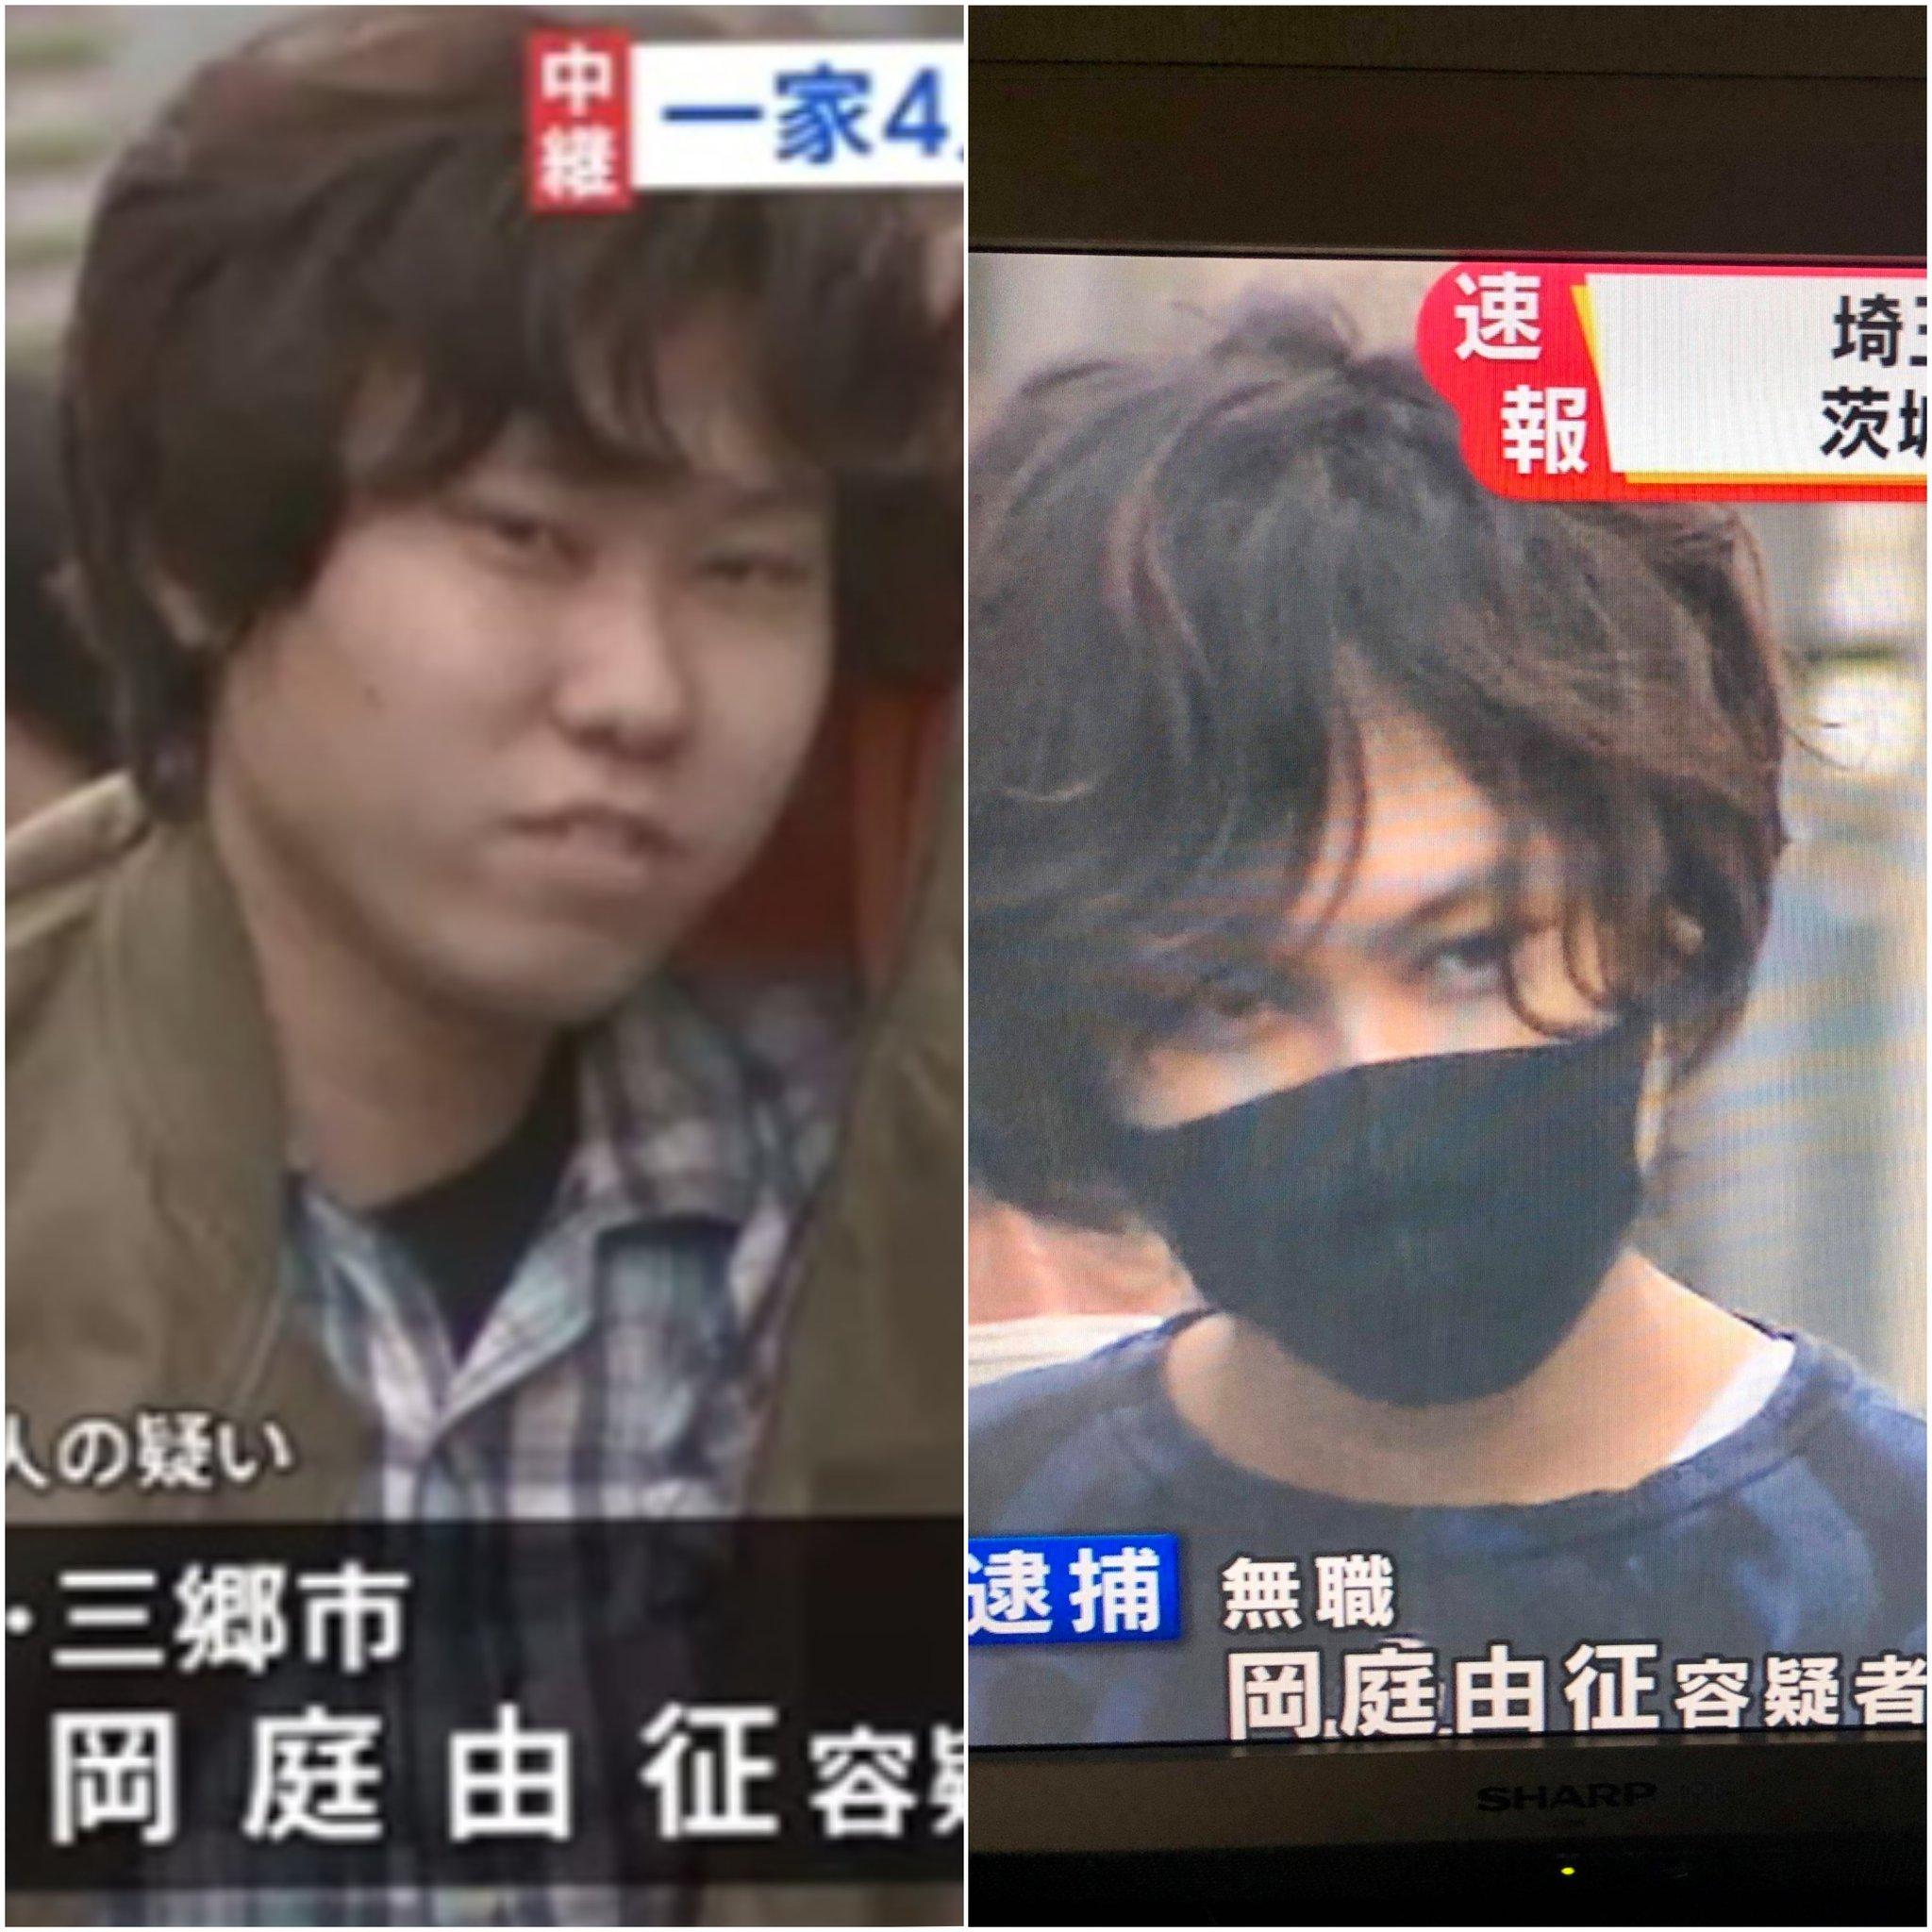 【悲報】3度人を刺して少年法無罪になった高校生、成人後一家惨殺を敢行